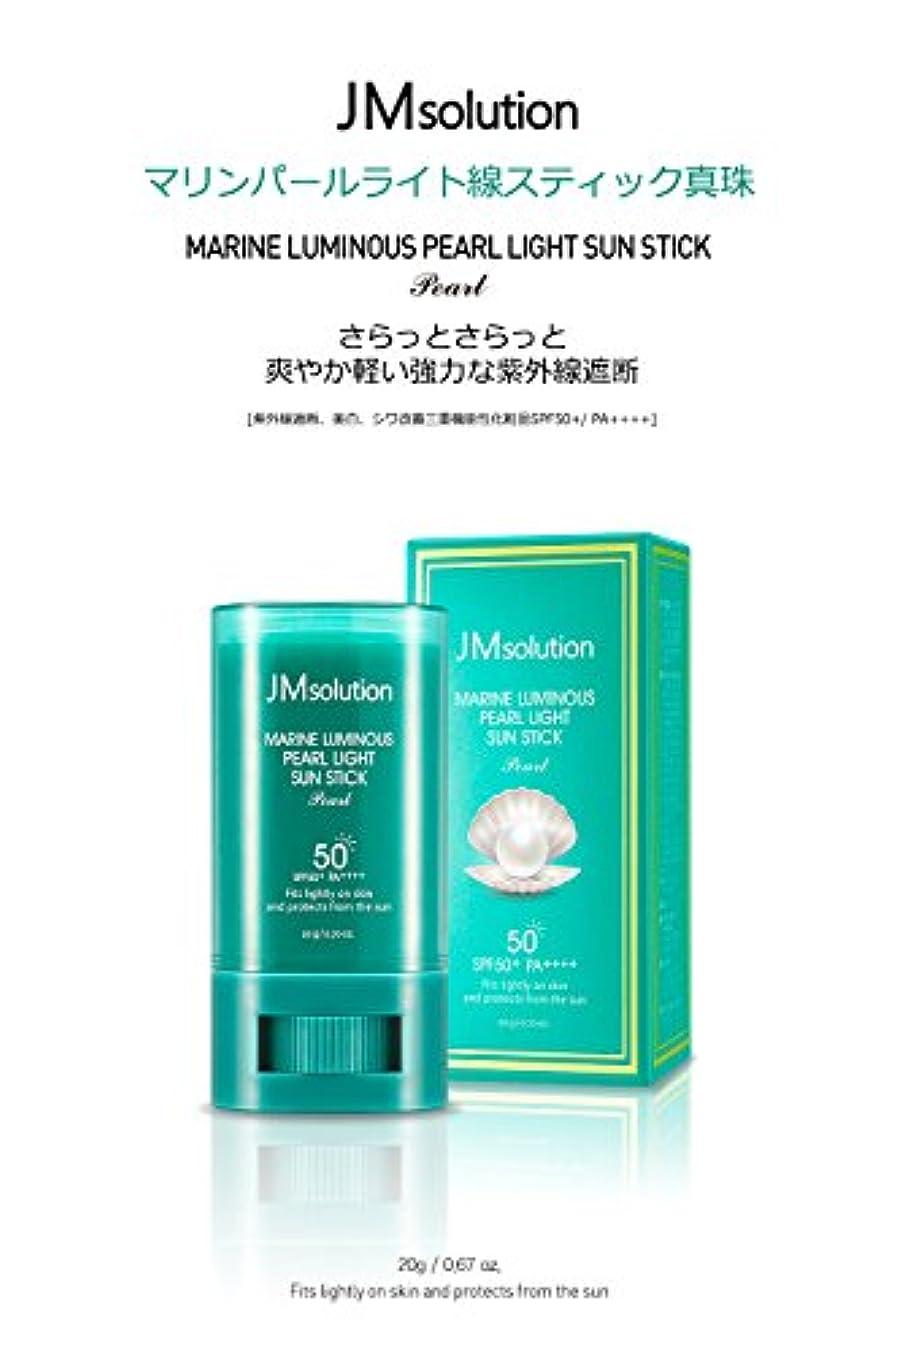 地球オーロック静脈JM Solution Marine Luminous Pearl Light Sun Stick 20g (spf50 PA)/マリンルミナスパールライトサンスティック20g